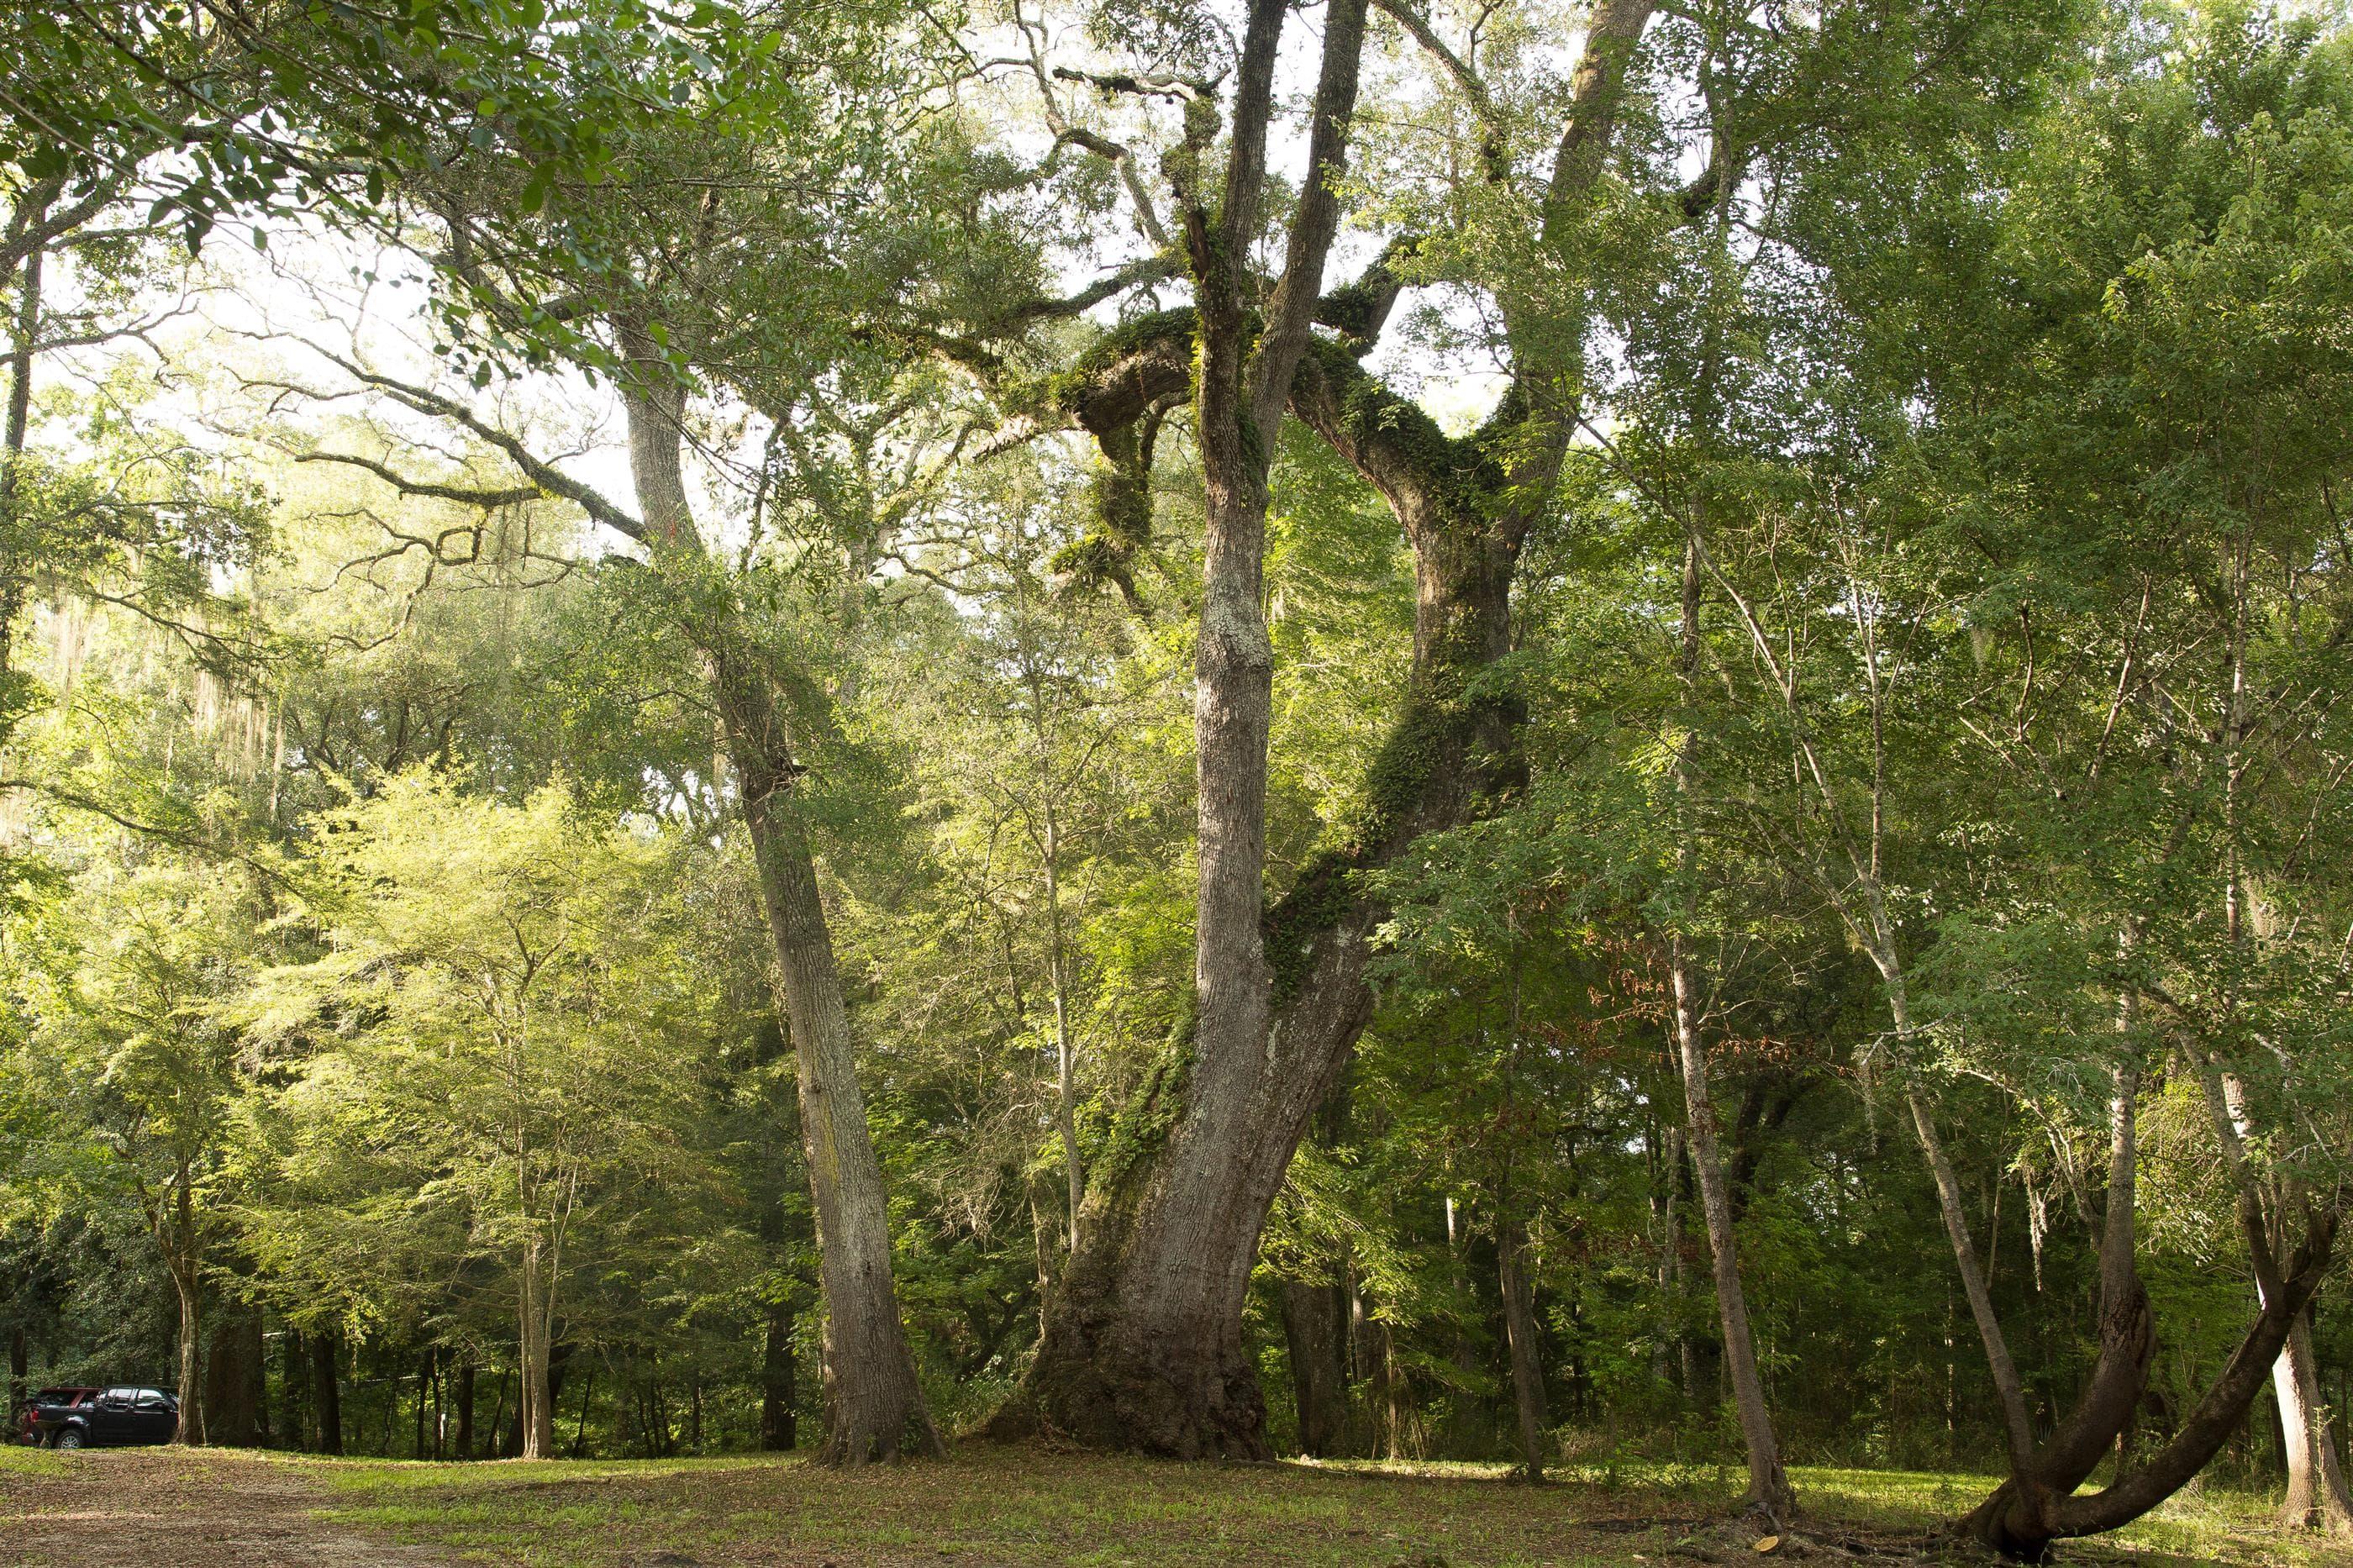 Old water oak tree near Santa Fe River in Suwannee County